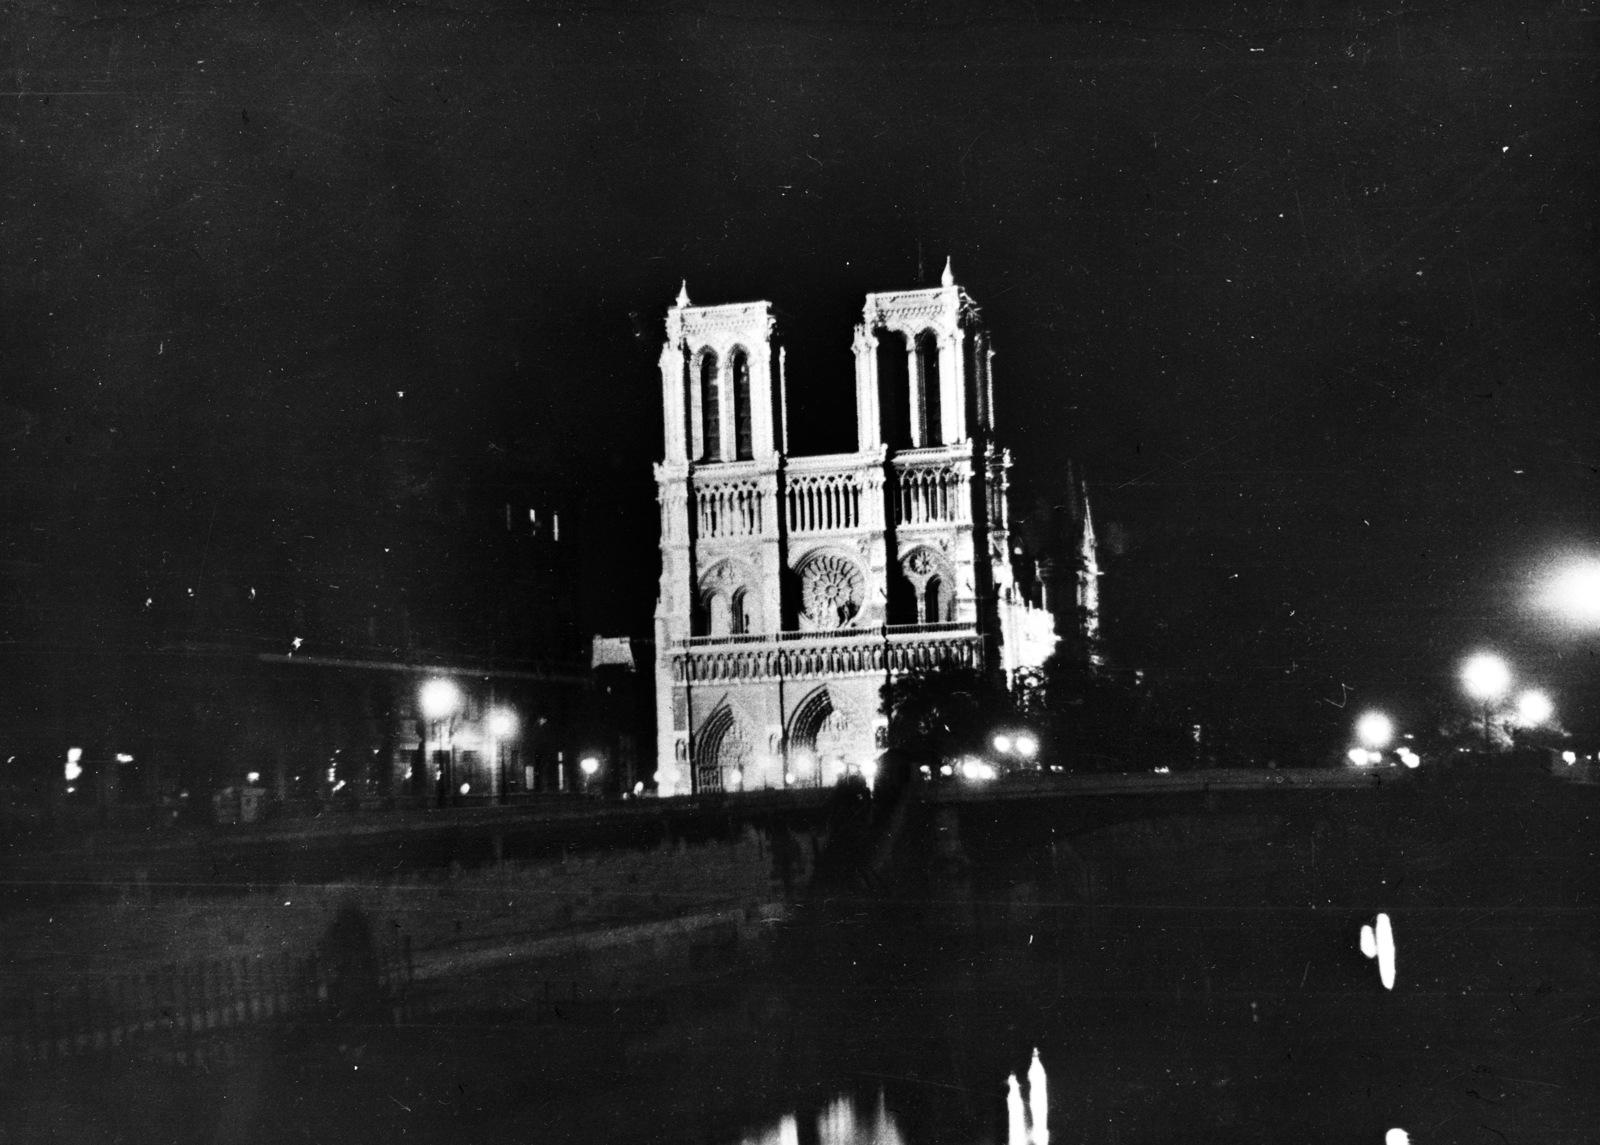 [Paris illuminated]